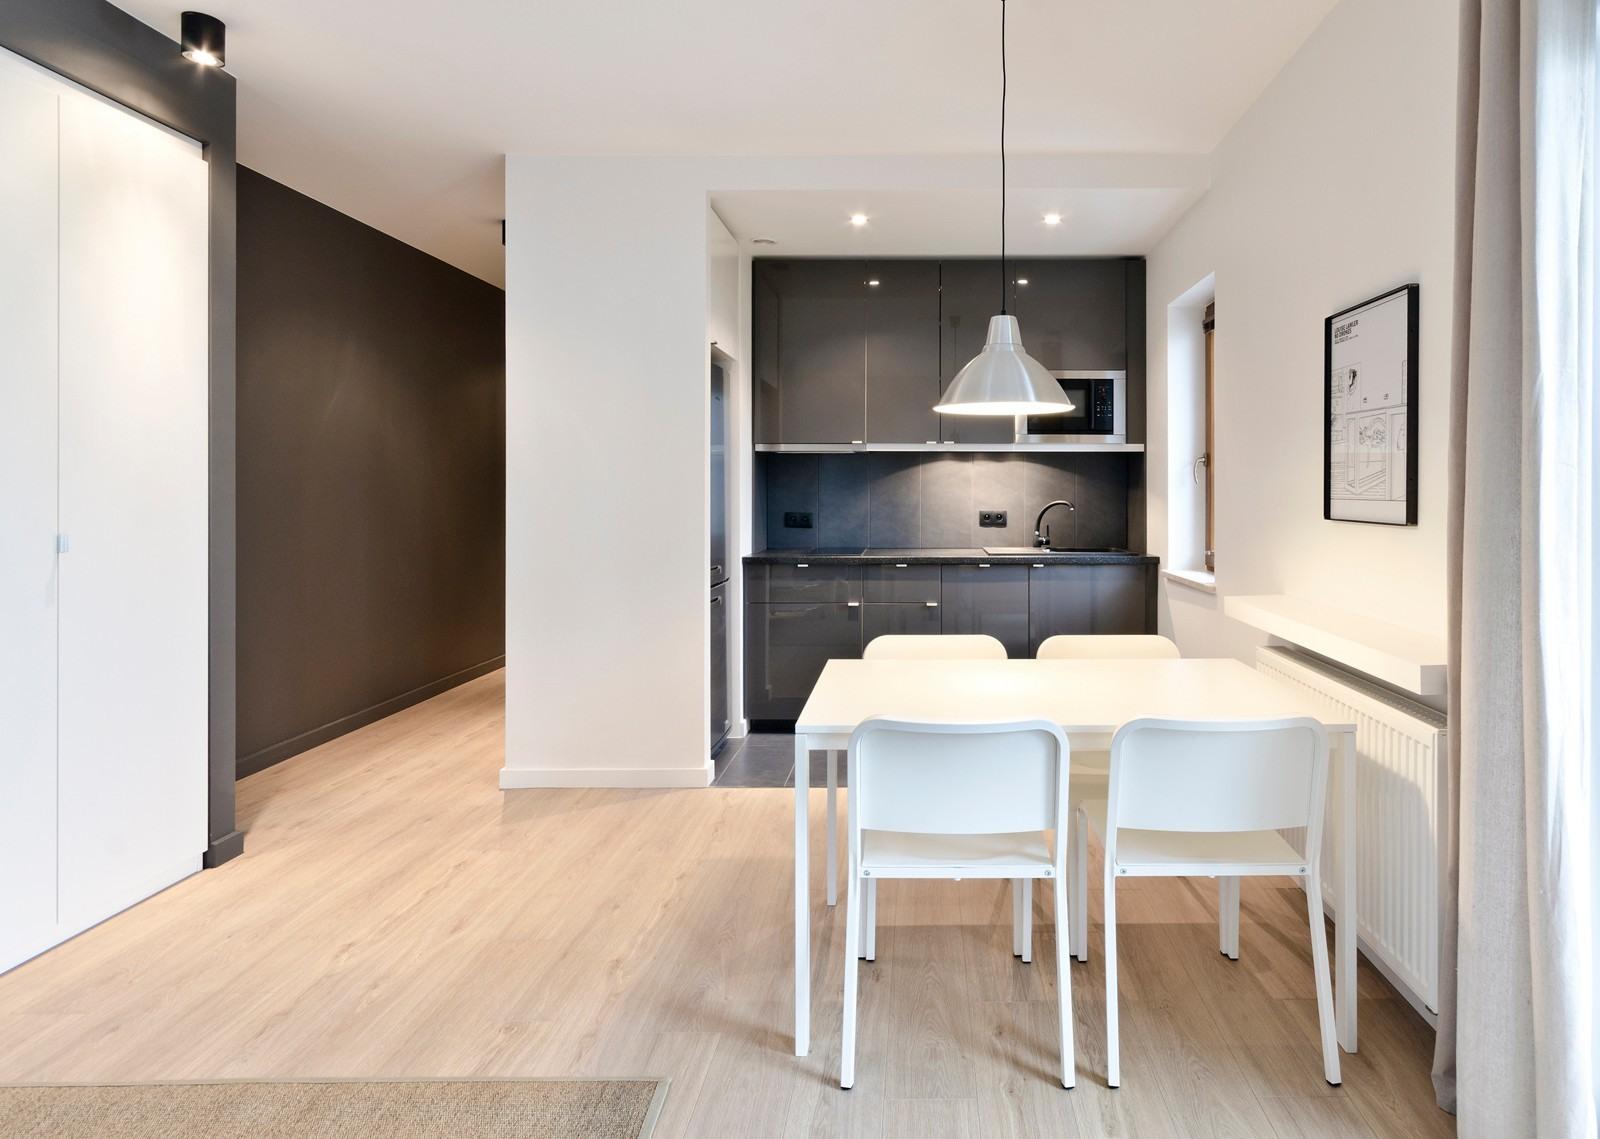 Как правильно подготовить квартиру для аренды_5